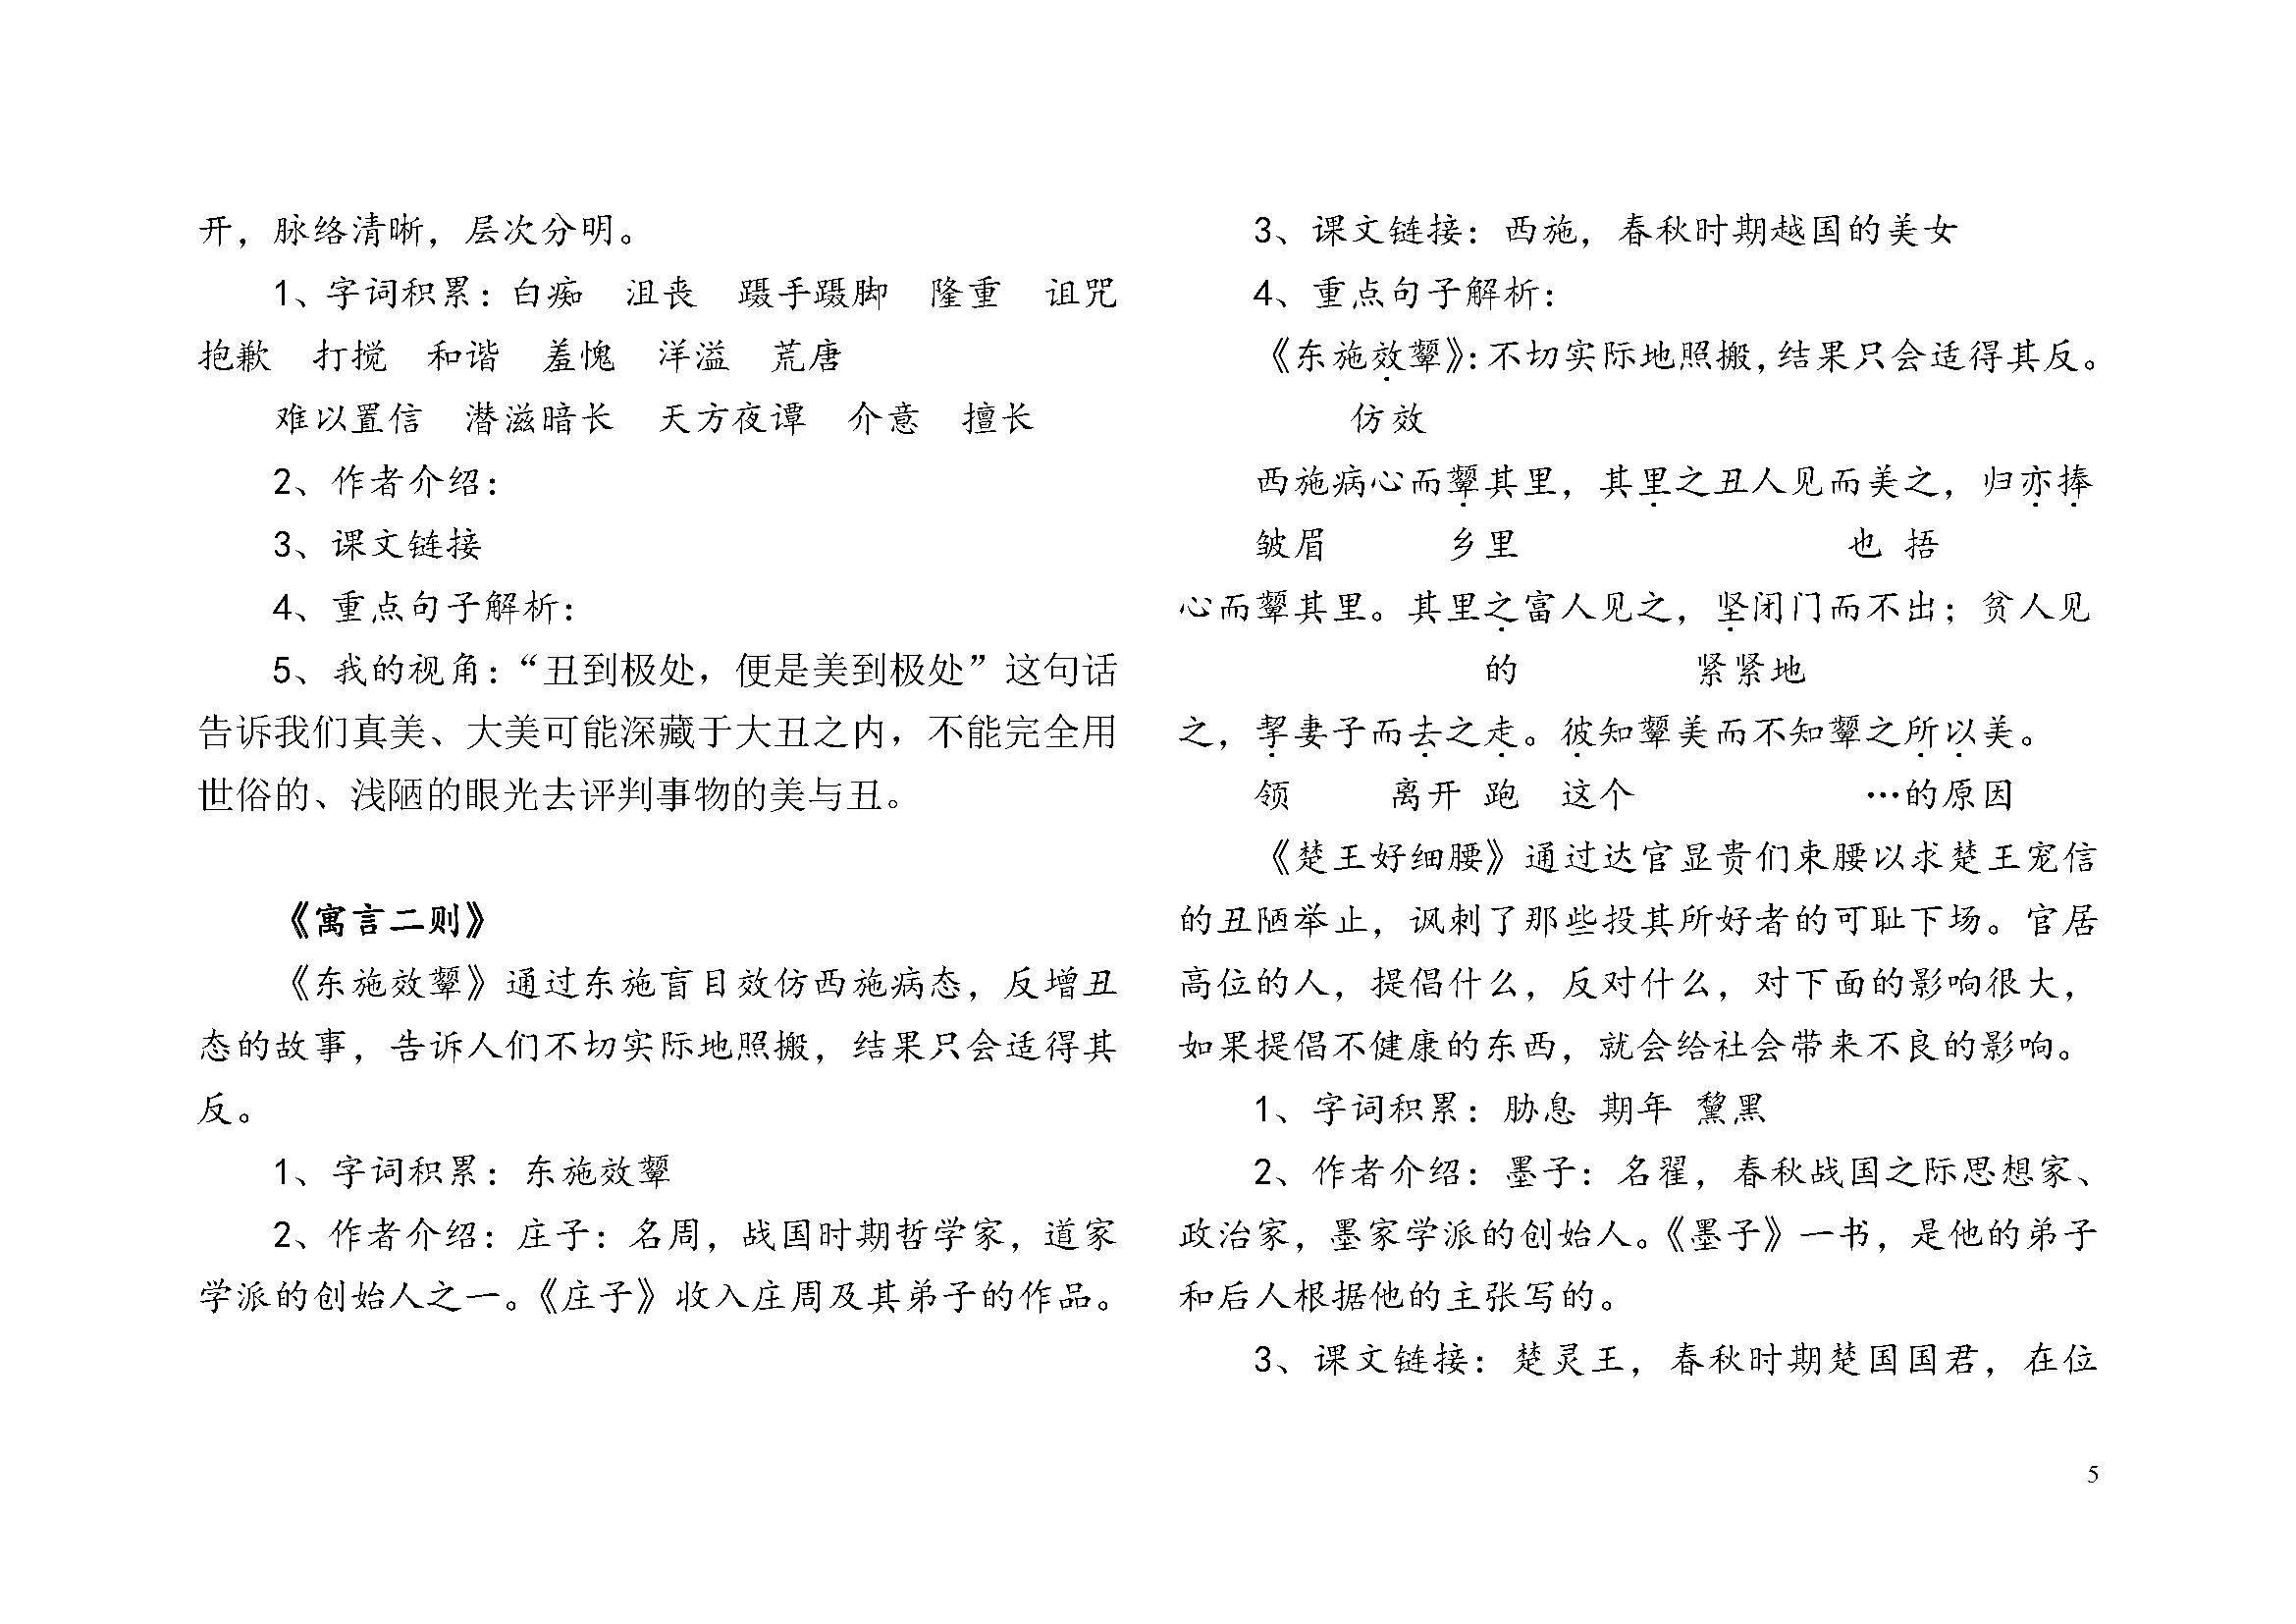 六年级语文上册图片